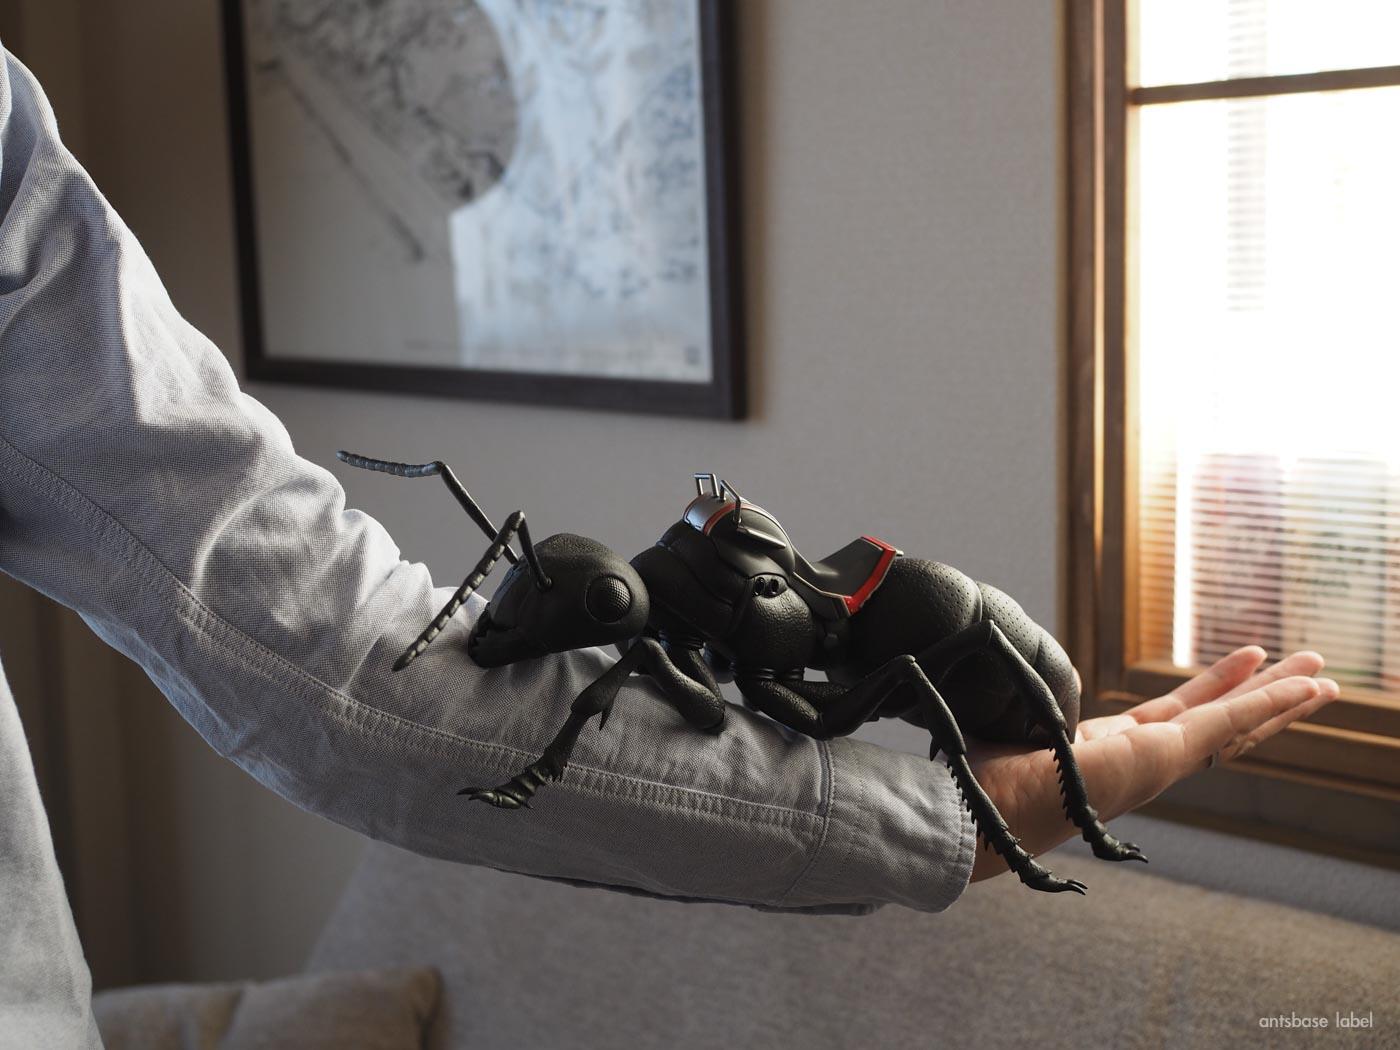 巨大なアリのフィギュアを購入レビュー!【アントマン&ワスプ】